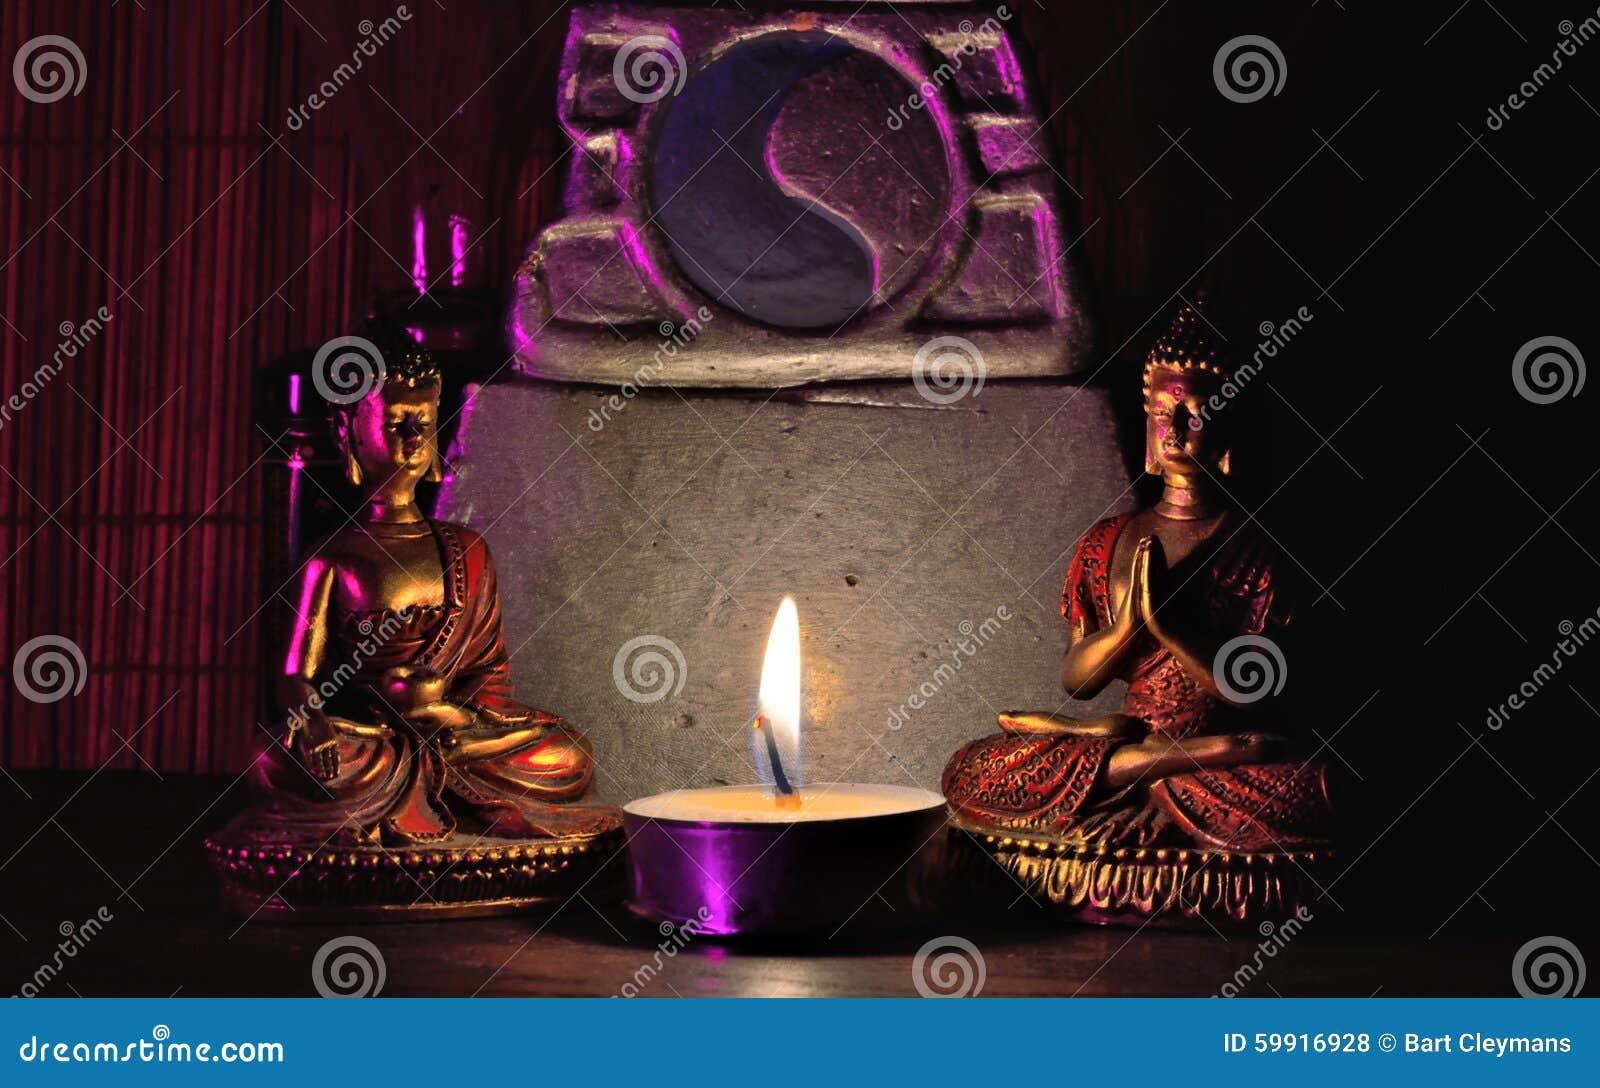 场面:两个微型菩萨雕象、微型法坛和被点燃的蜡烛,